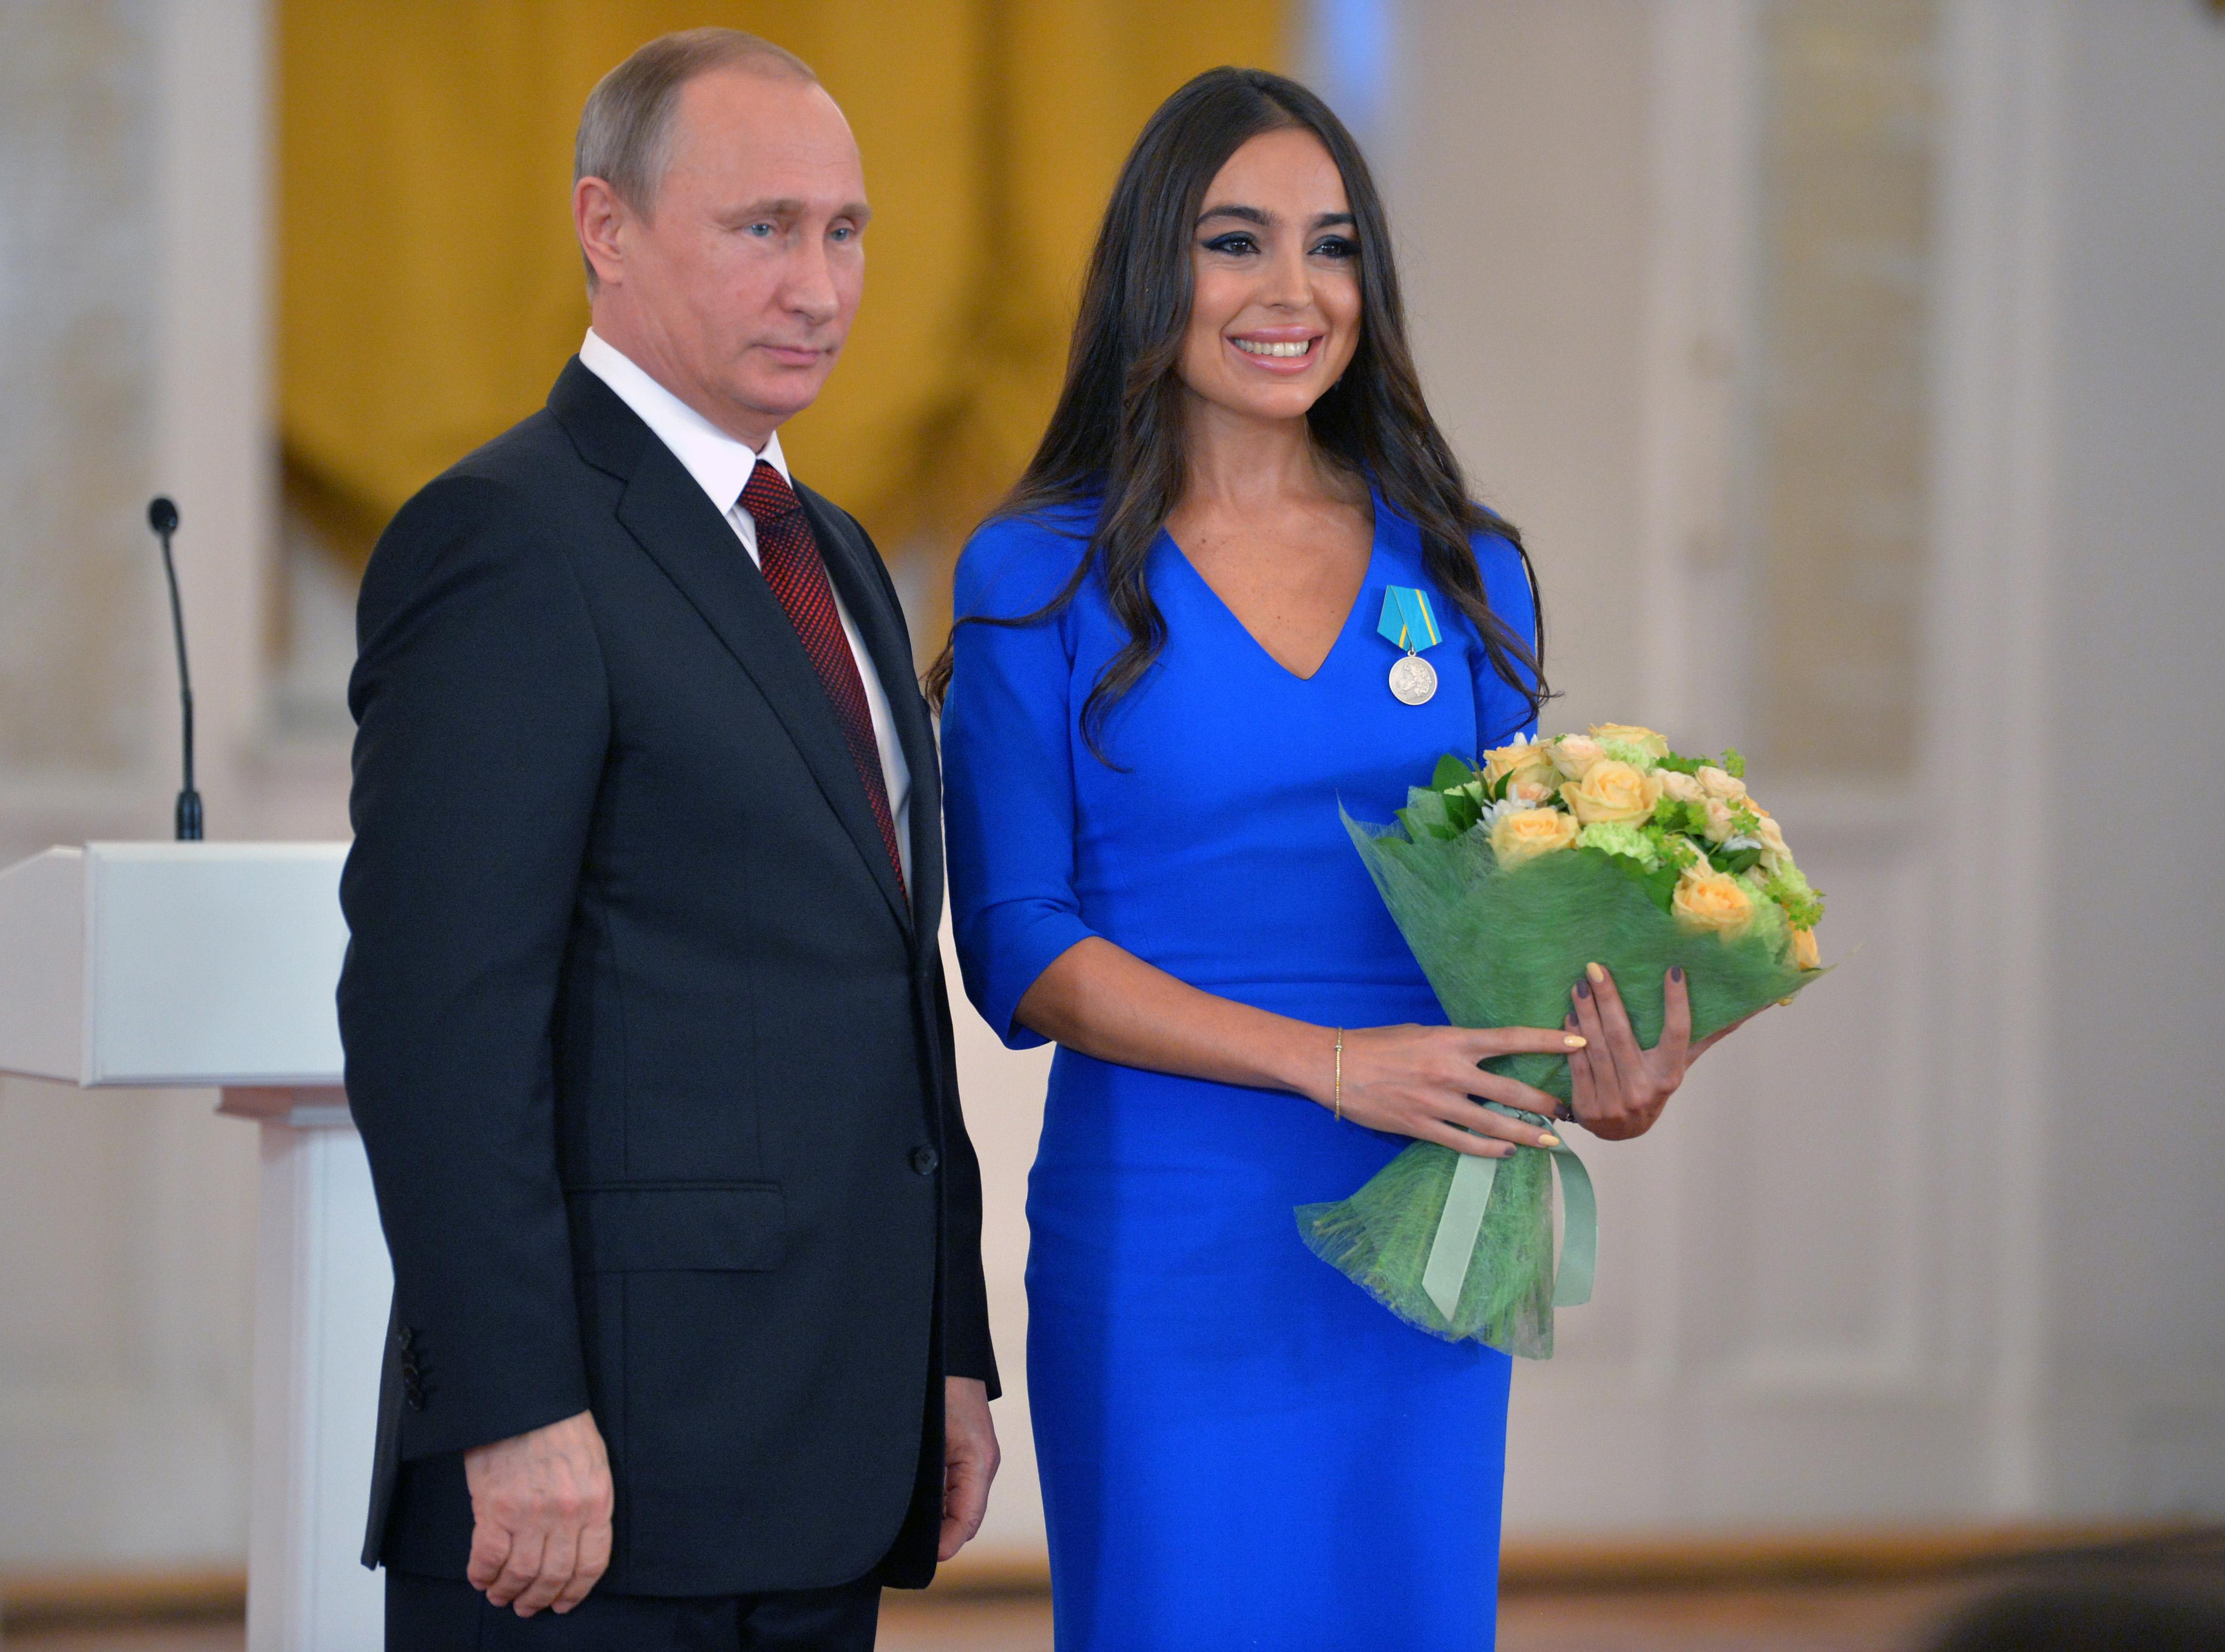 Президент РФ Владимир Путин и Лейла Алиева. Фото: EPA